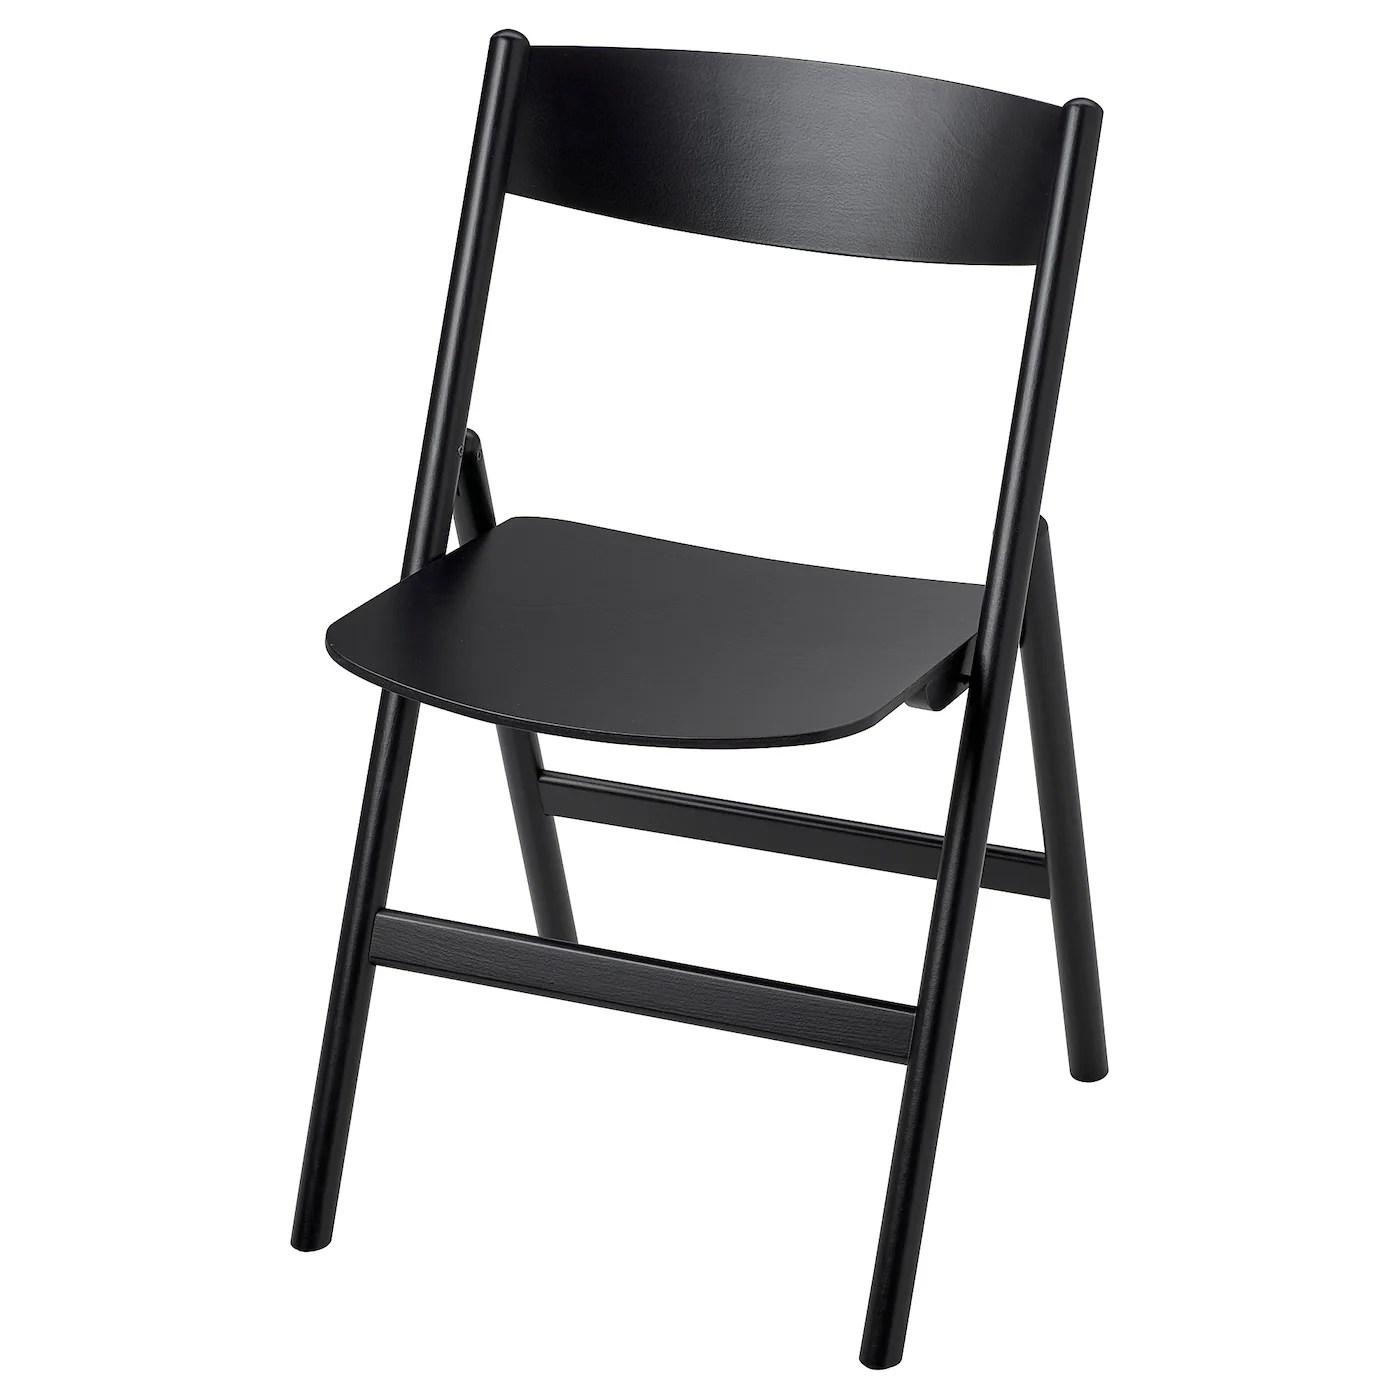 Ravaror Chaise Pliante Noir Ikea